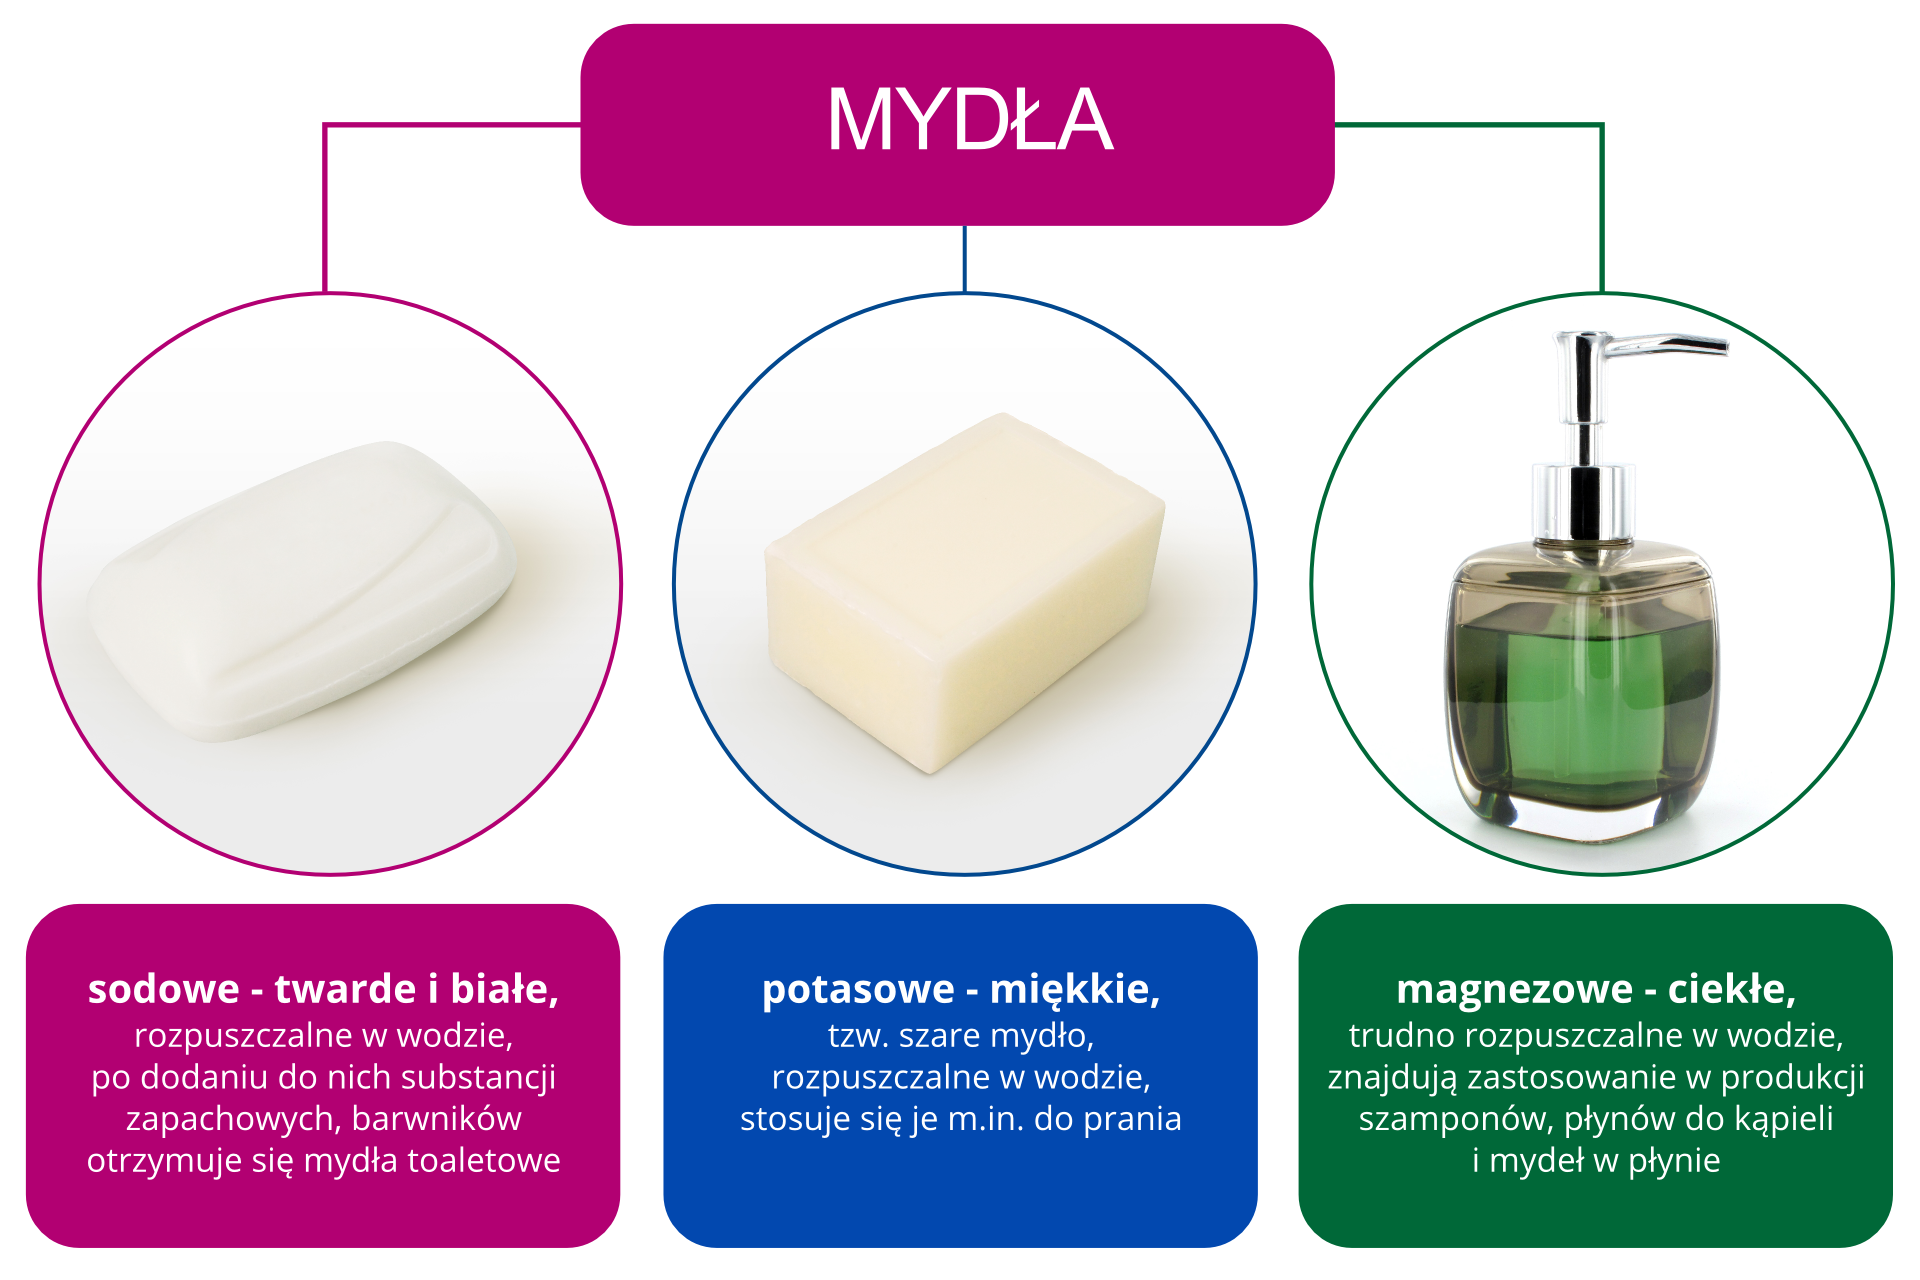 Schemat przedstawiający podział mydeł ze względu na ich skład chemiczny. Wyróżnione mydła sodowe, potasowe oraz magnezowe wraz zich cechami charakterystycznymi.